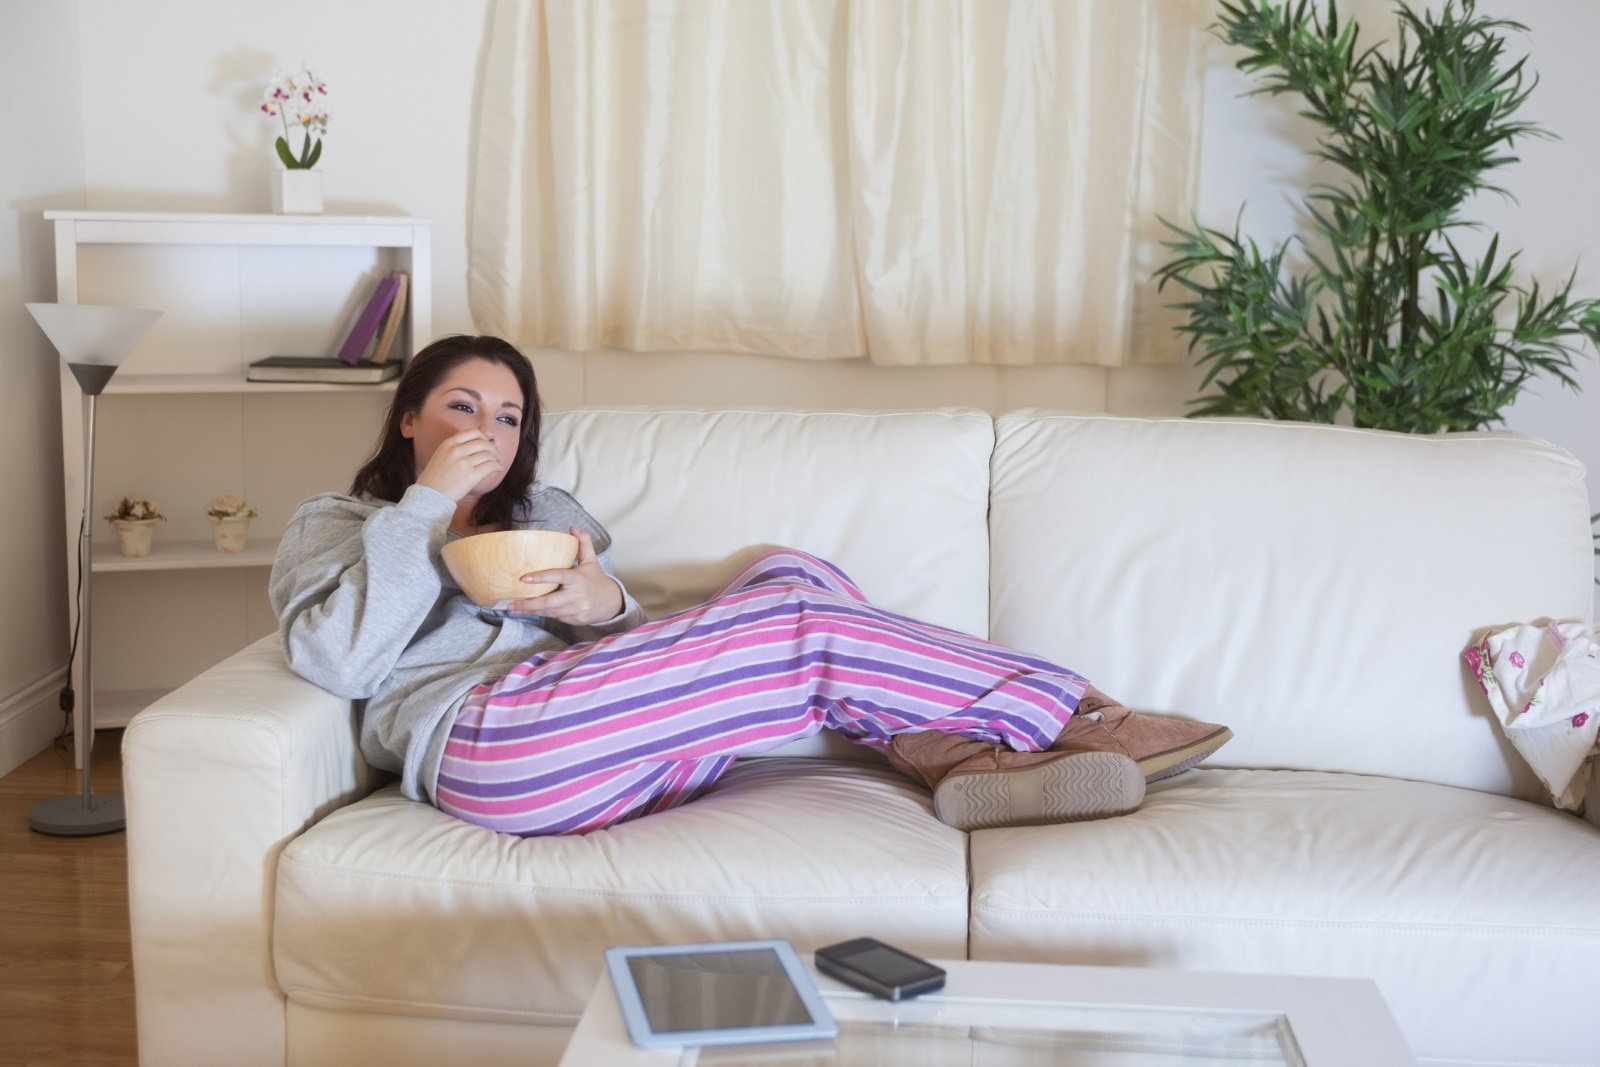 Вечерните навици: Изключвайки телевизора 20 минути по-рано от обикновено преди да заспите си осигурявате повече време за почивка на мозъка и тялото. Не е тайна, че синята светлина от технологиите пречи на добрия сън. Изключете телевизора, лаптопа и оставете телефона 20-30 минути по-рано, за да спите пълноценно през нощта.